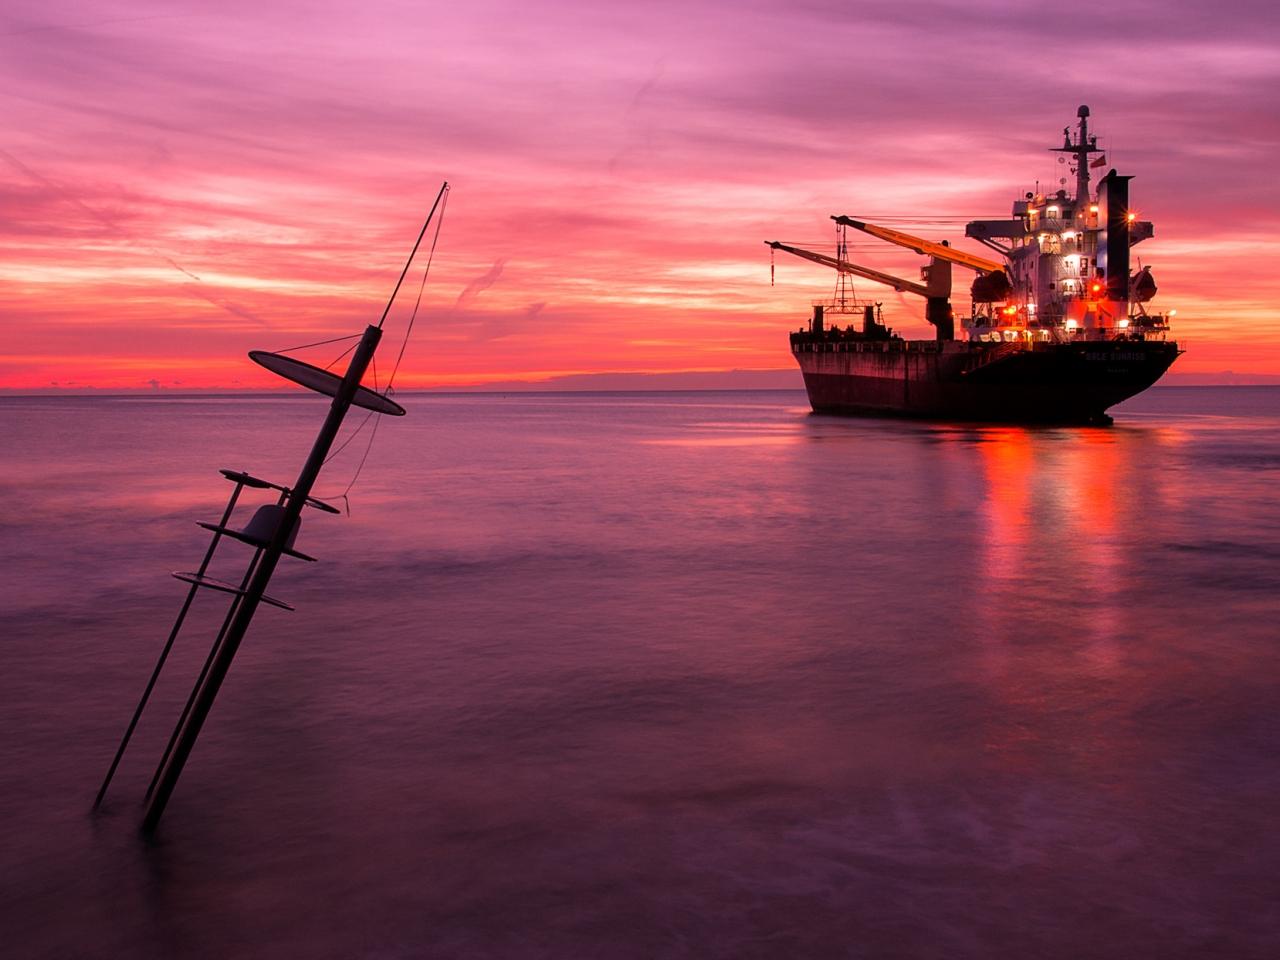 Un atardecer y un gran barco - 1280x960